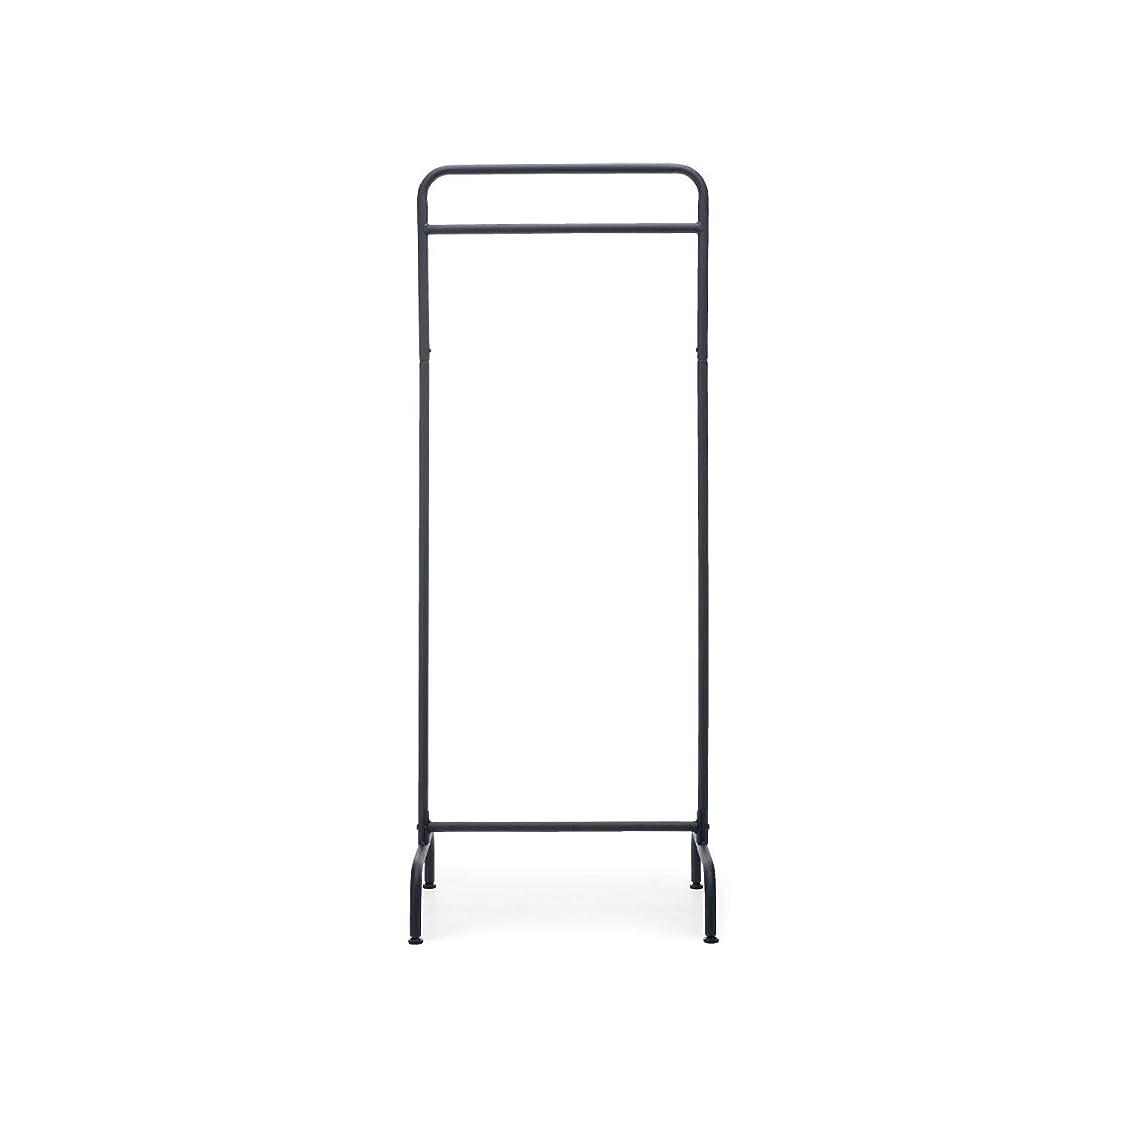 派手上げるページ[ベルメゾン] アイアンハンガーラック タイプ/幅(cm):A/60